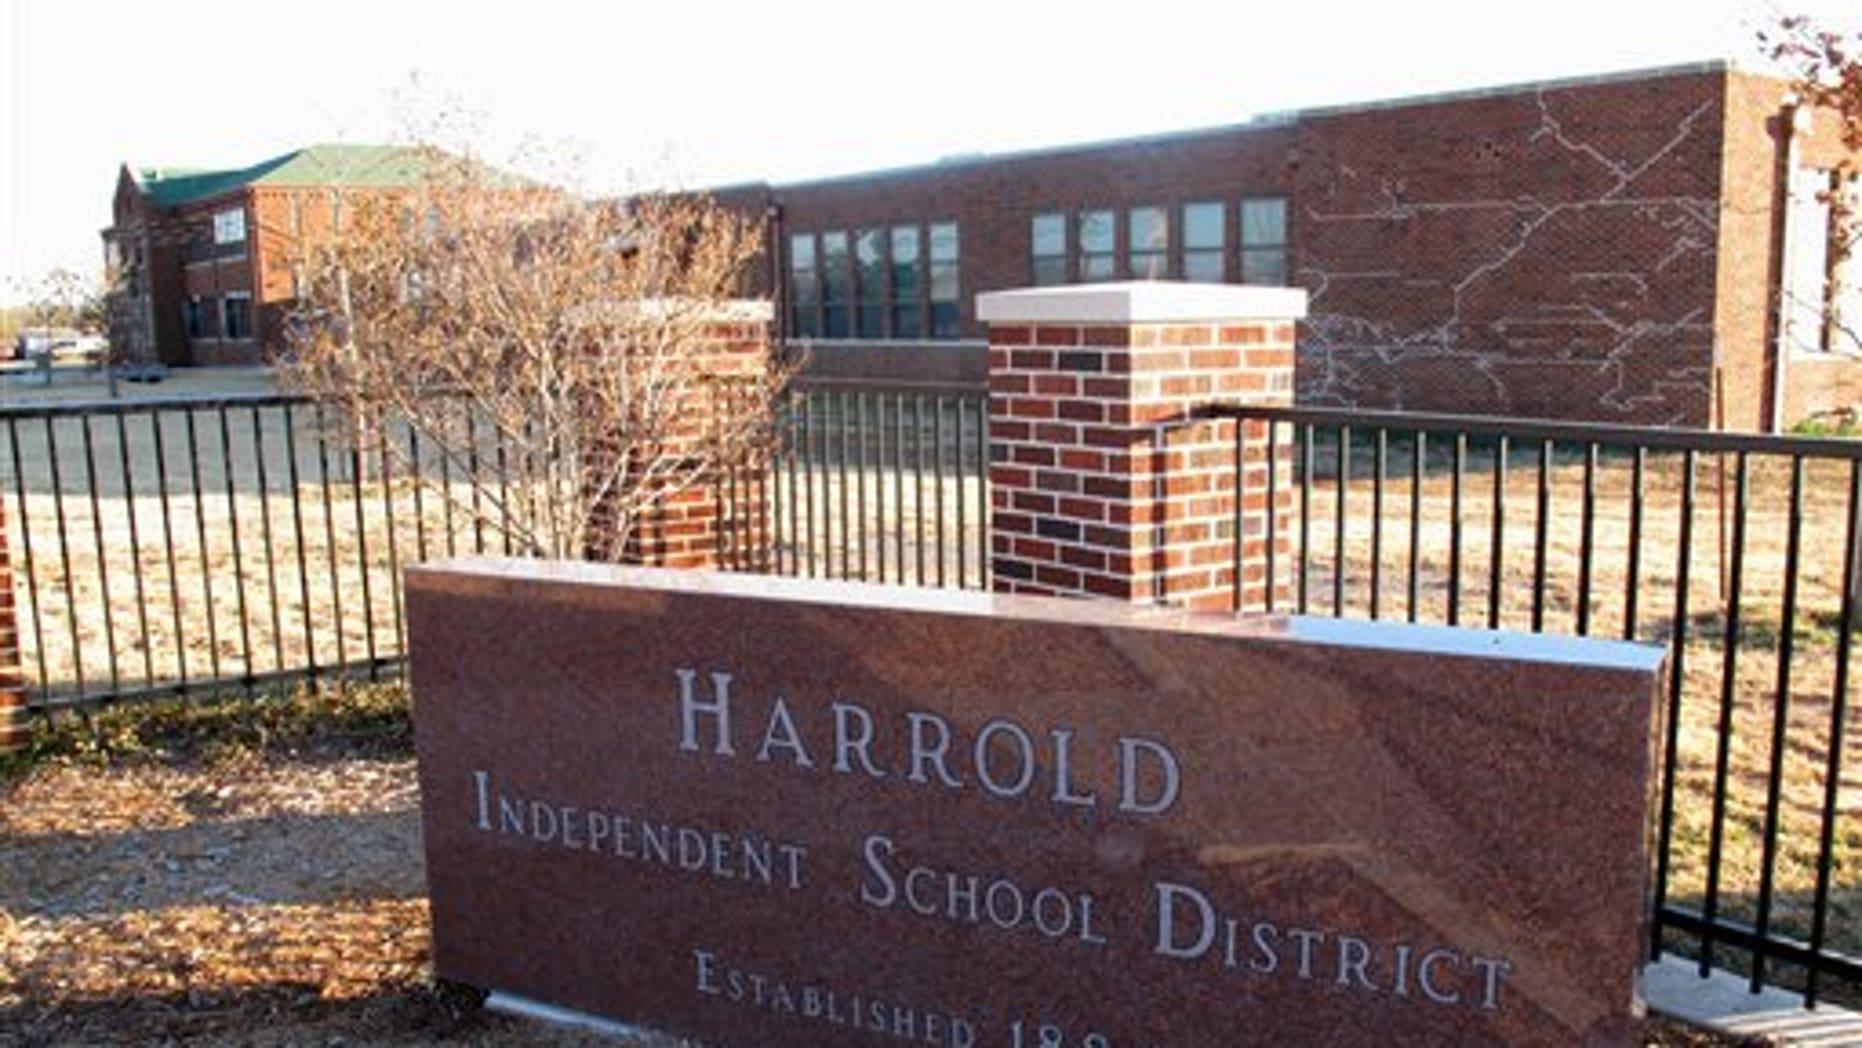 Dec. 17, 2012: Tthe sign in front of the Harrold Independent School District in Harrold, Texas.